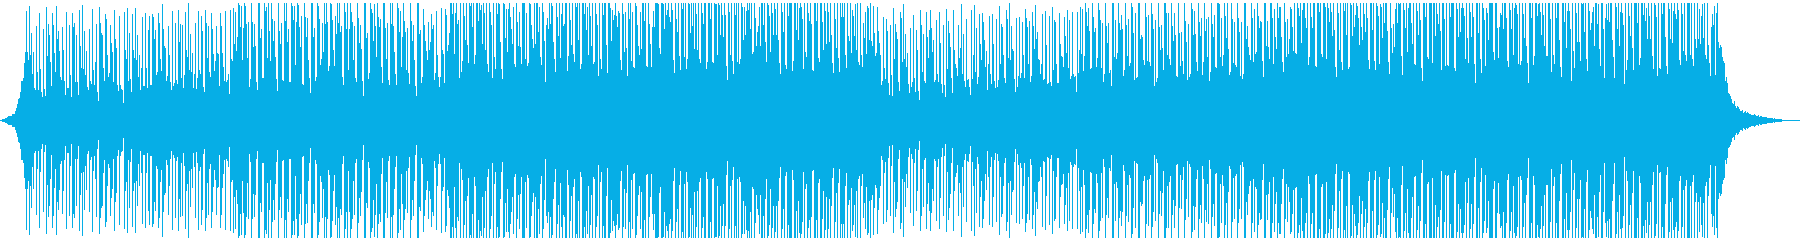 広告のための幸せで楽しい企業音楽。の再生済みの波形